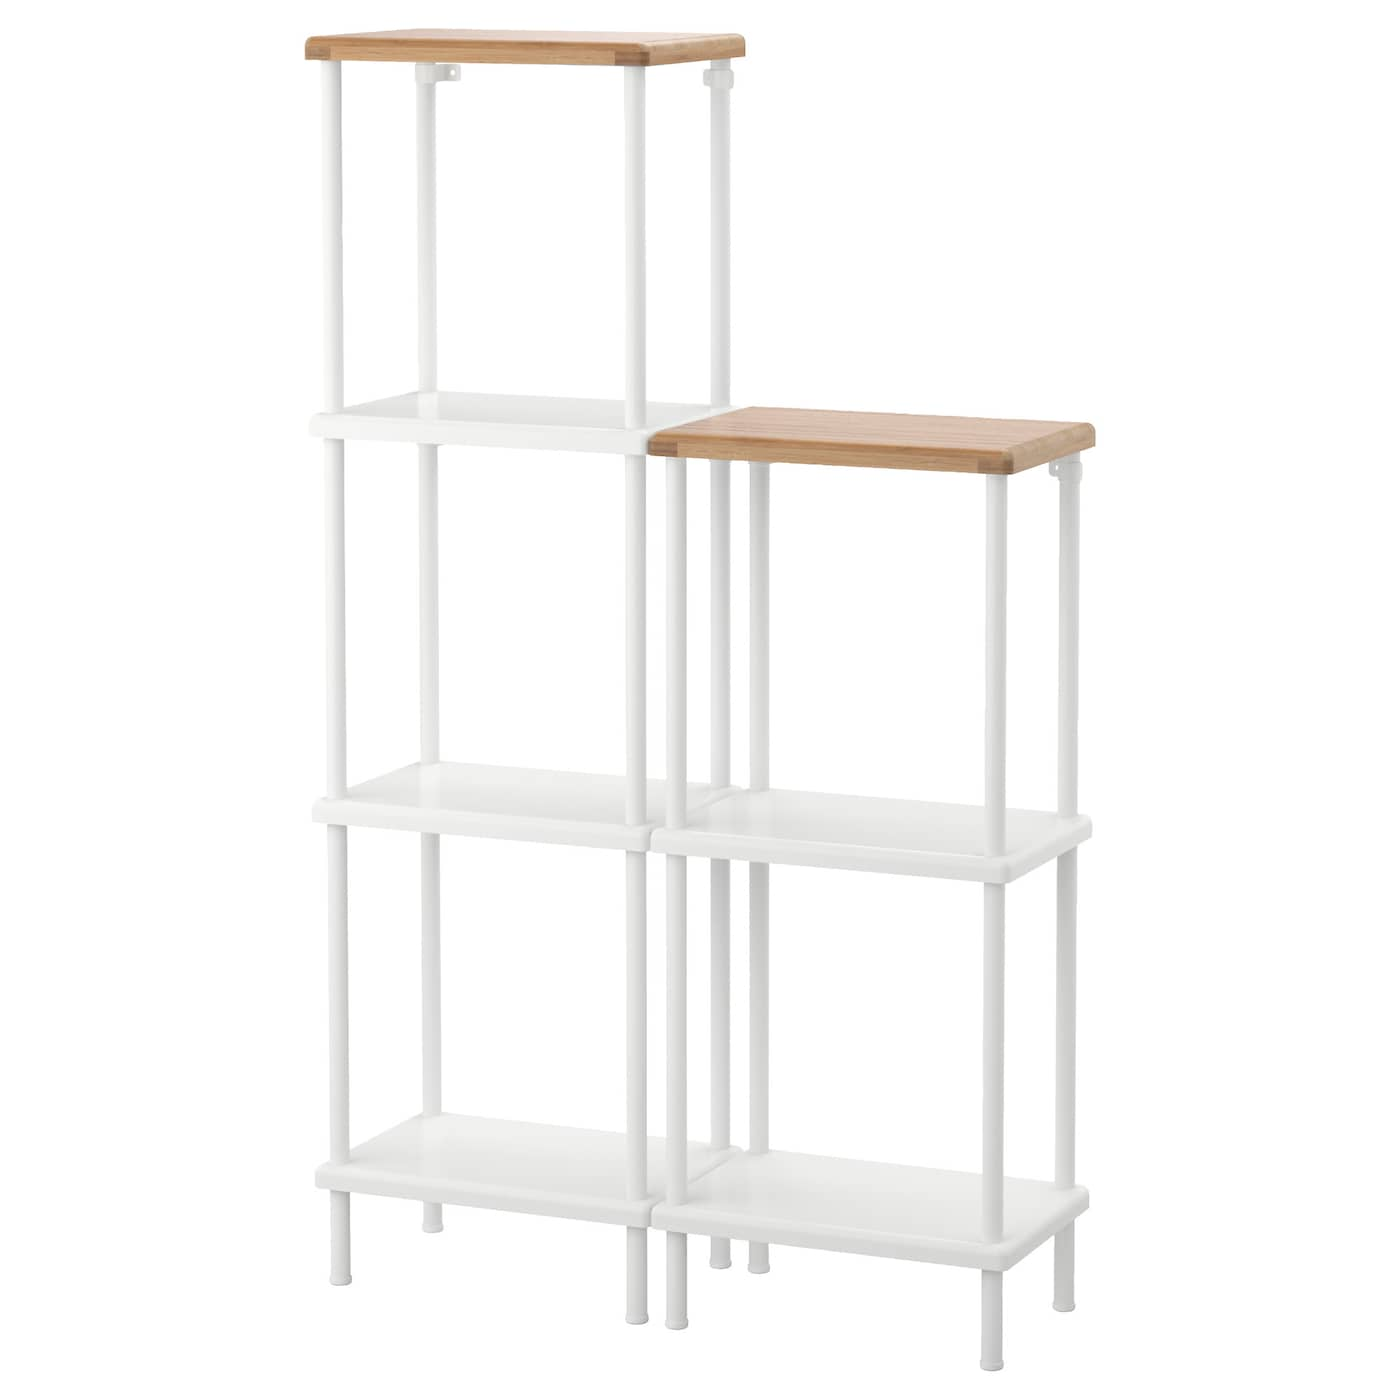 IKEA DYNAN estantería Las patas regulables permiten corregir las  irregularidades del suelo. 0f7ed5a22f47